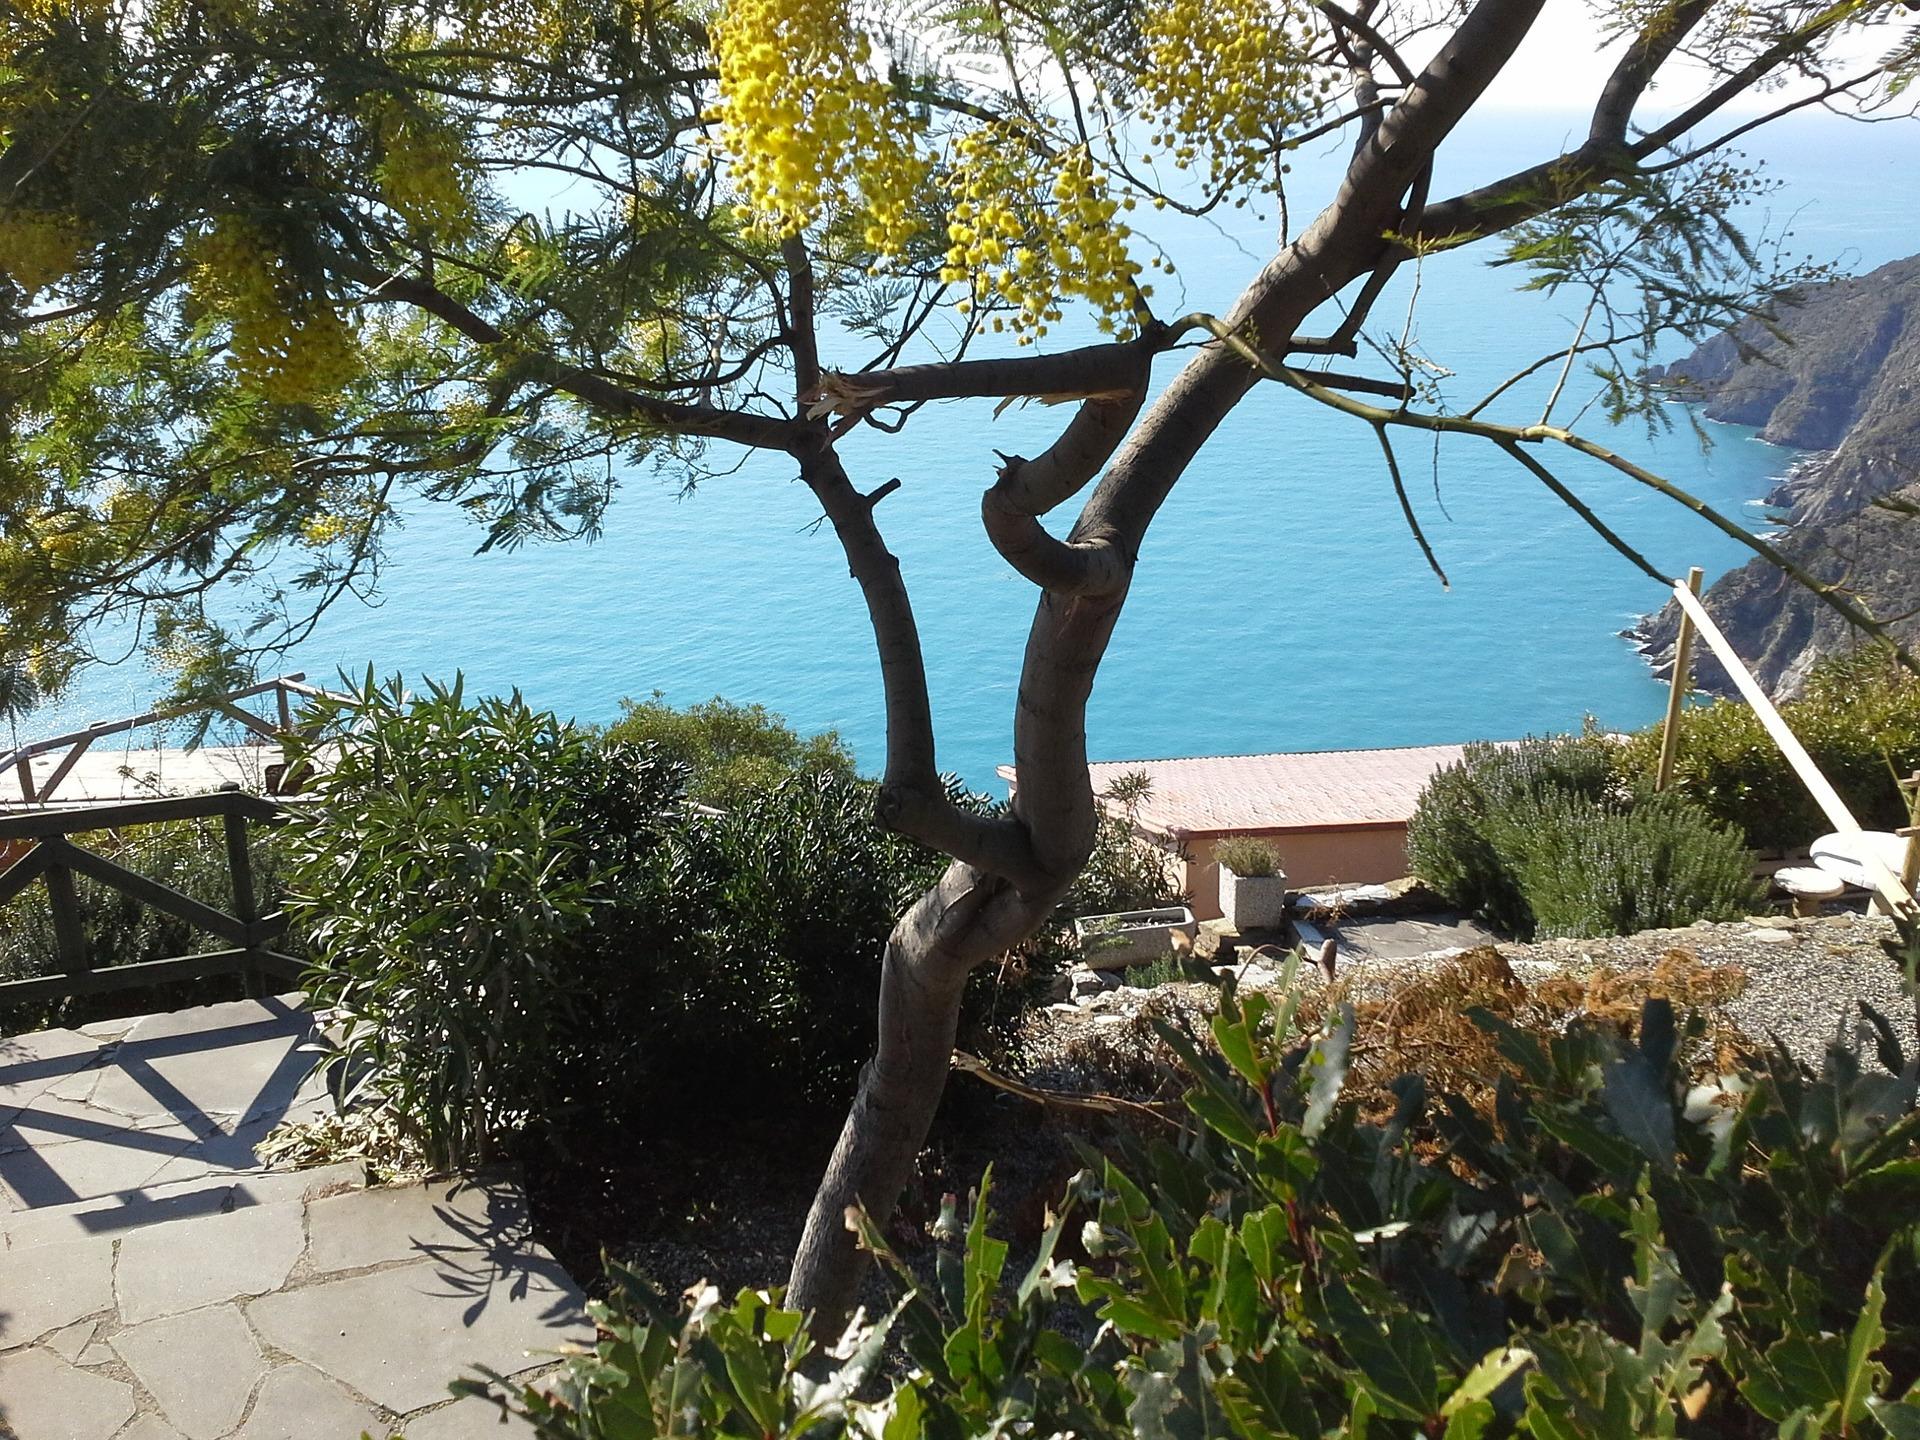 7-daagse wandelvakantie Cinque Terre Italië